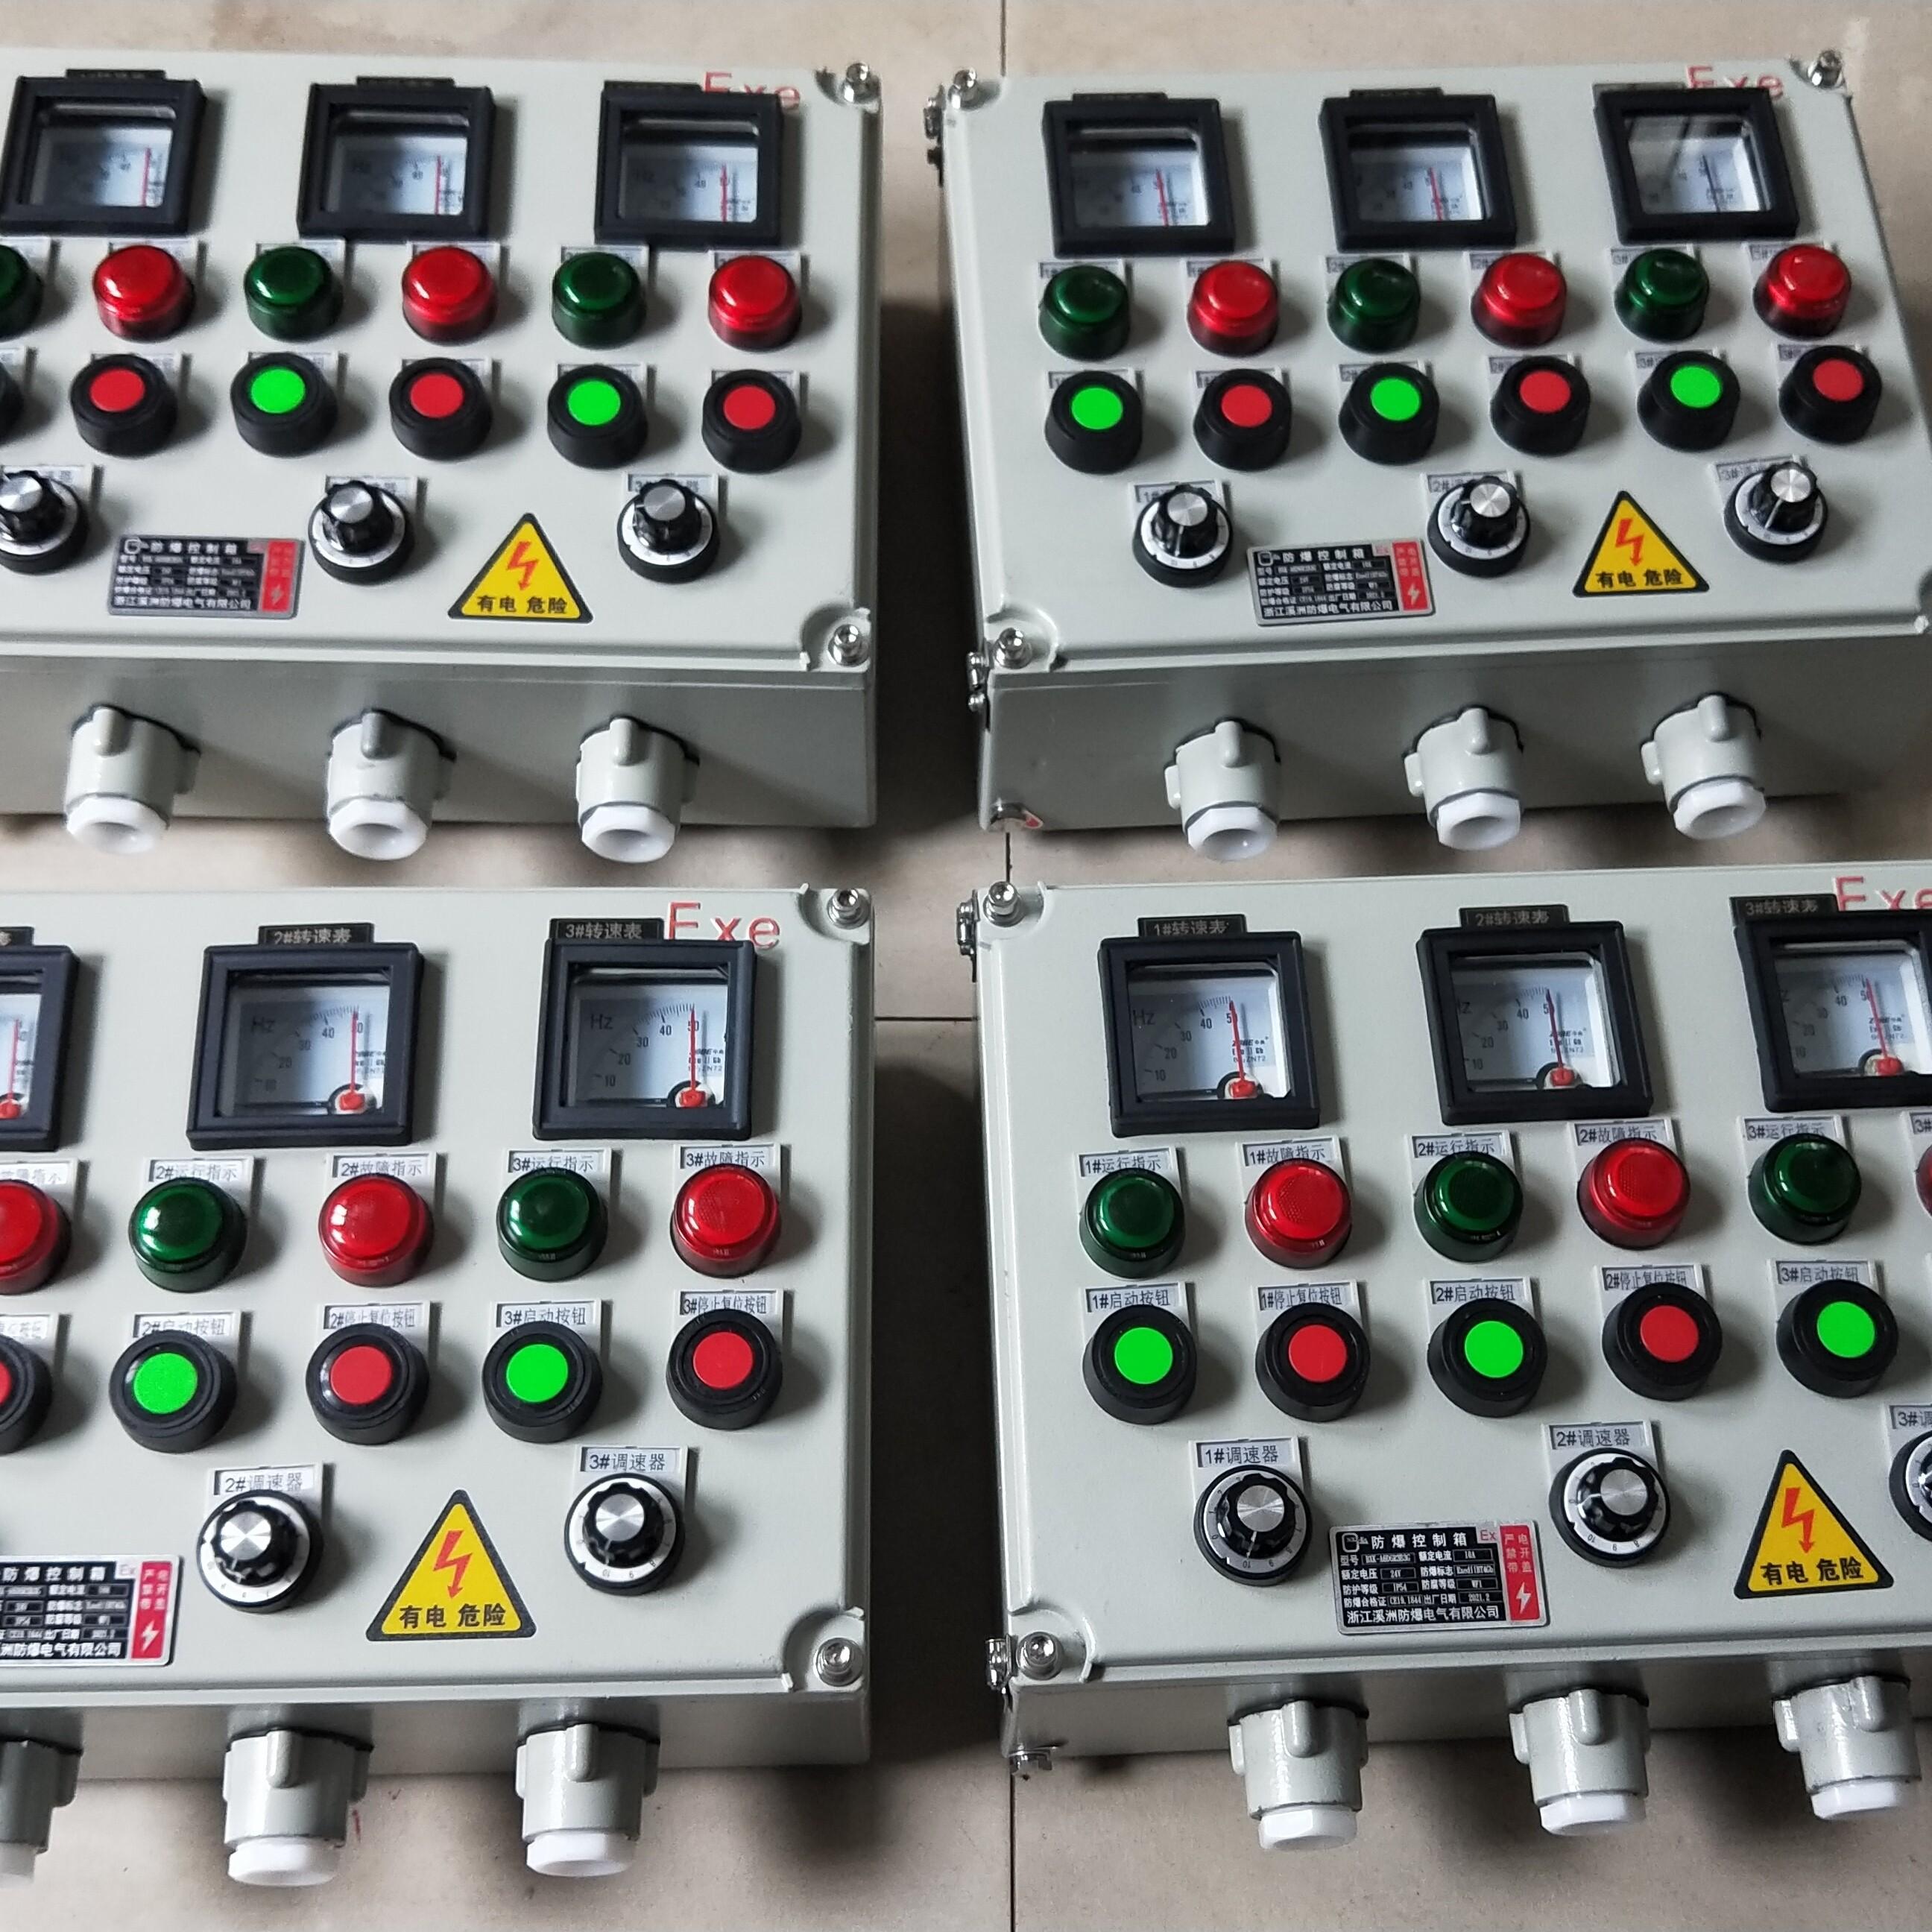 3回路铝合金防爆仪表控制箱